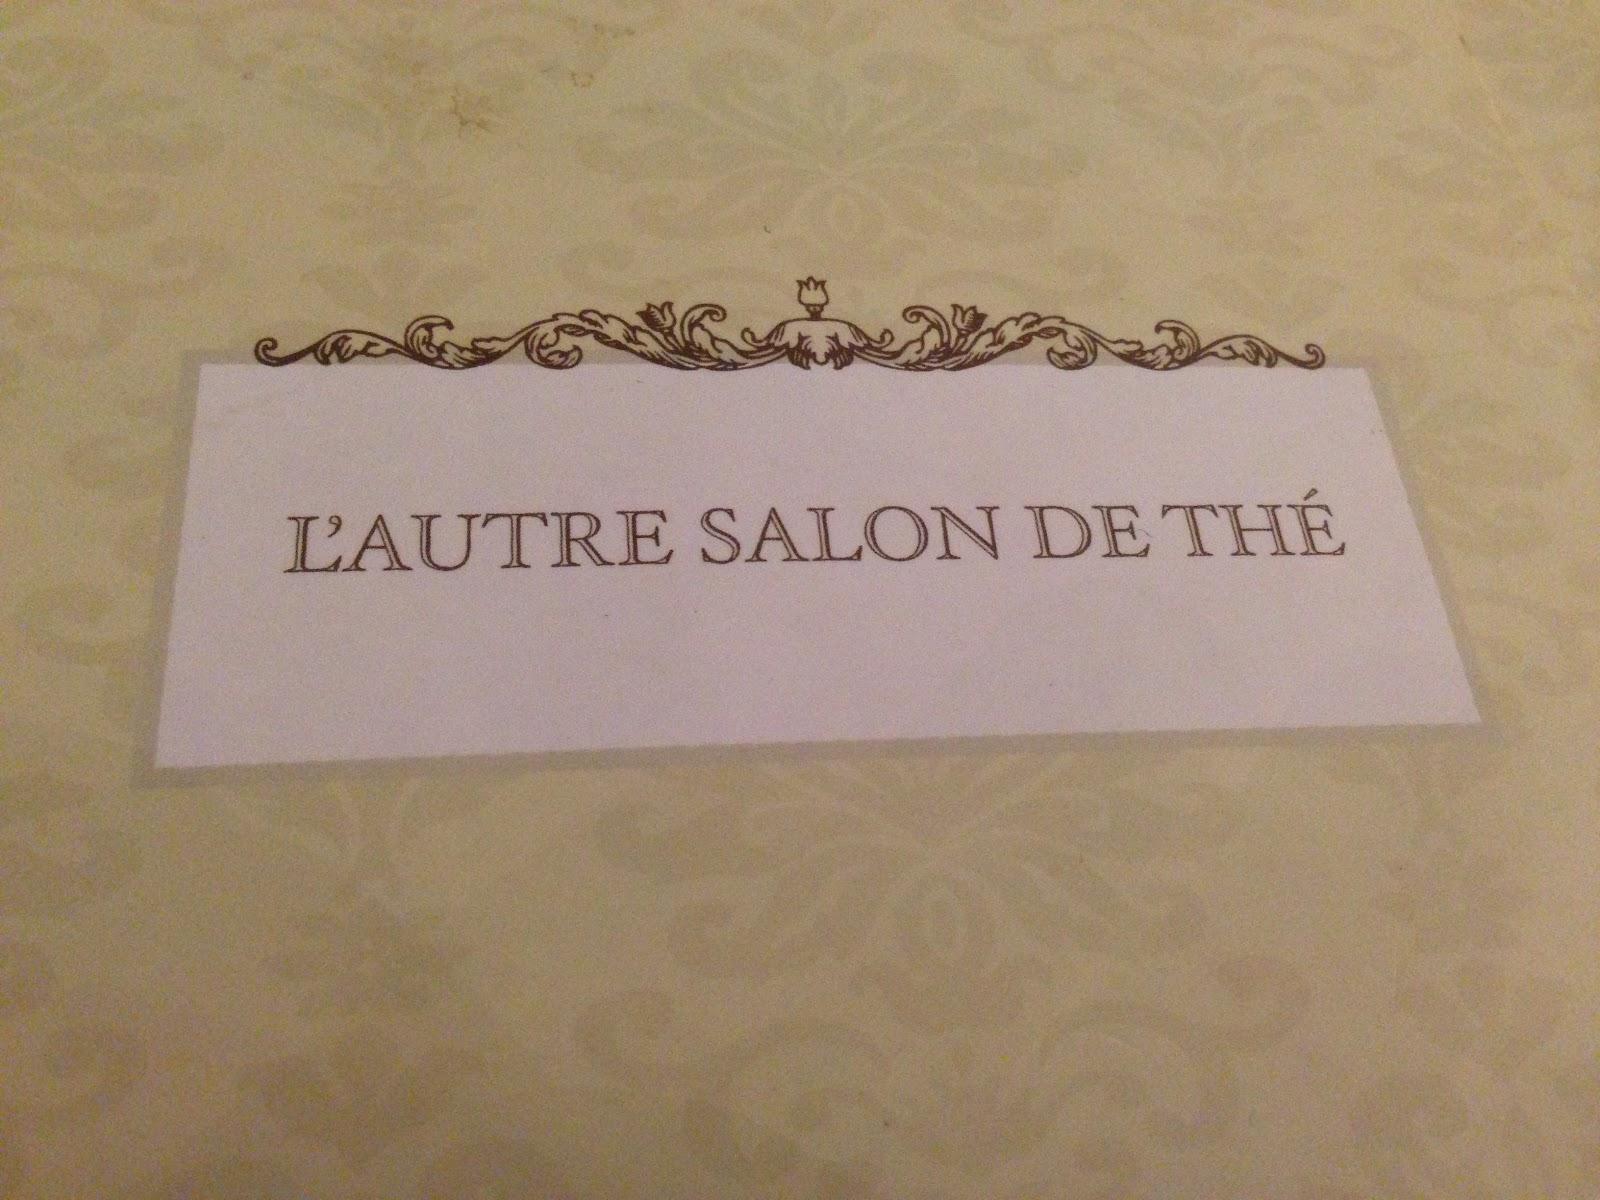 L 39 autre salon de the toulouse fun for lunch or tea for L autre salon de the toulouse